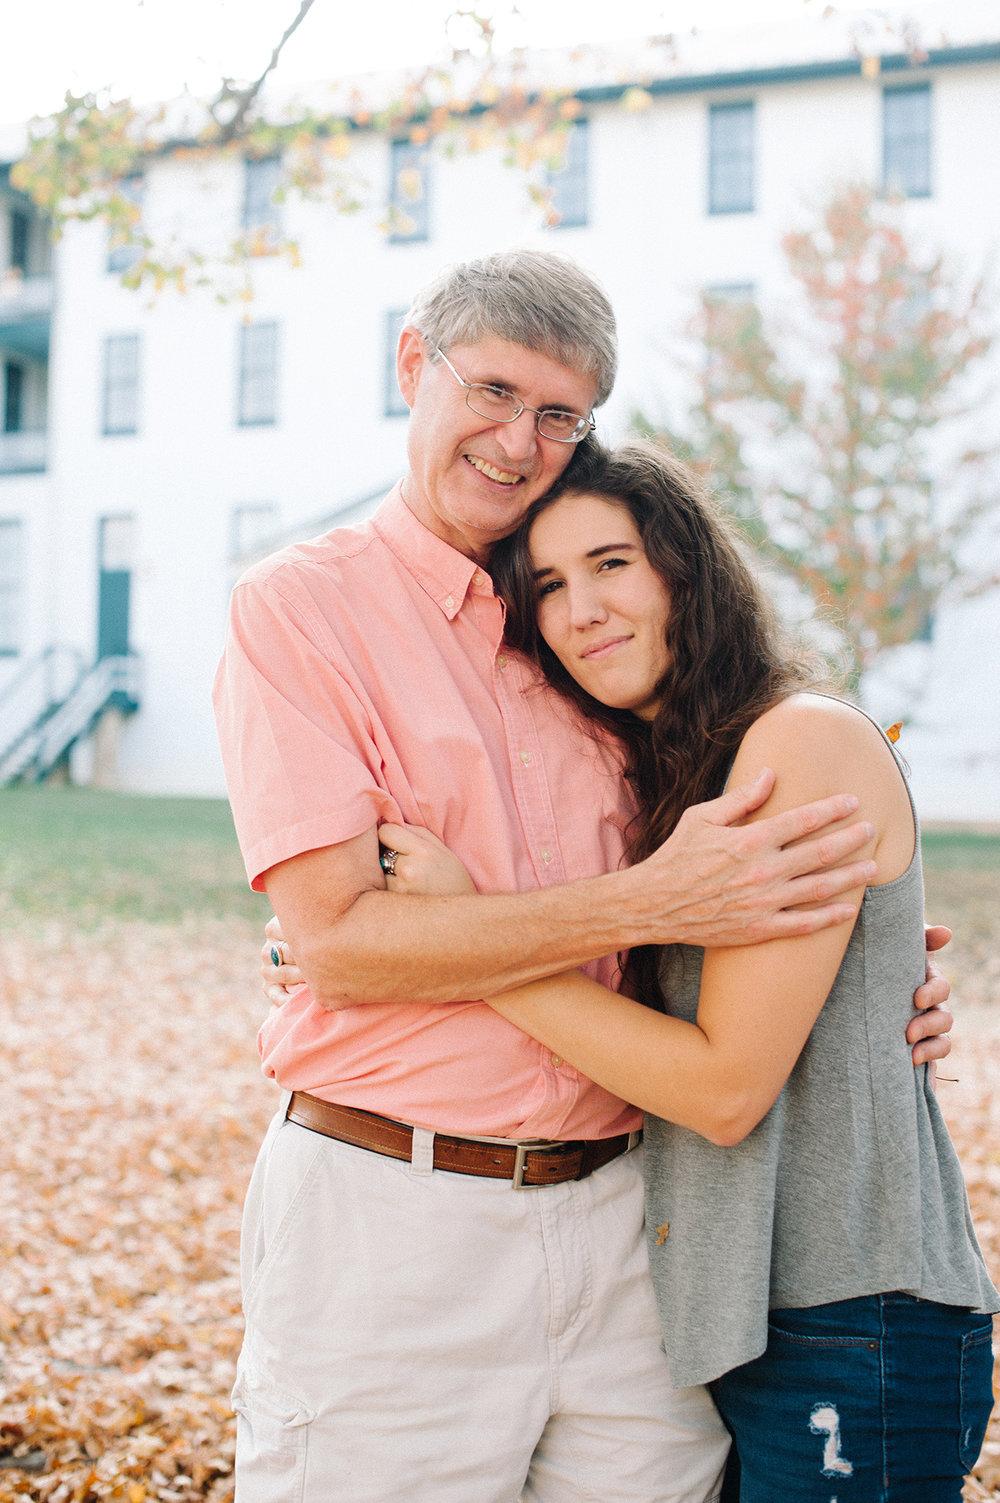 FamilyPhotos_HealingCenter17-6856web.jpg